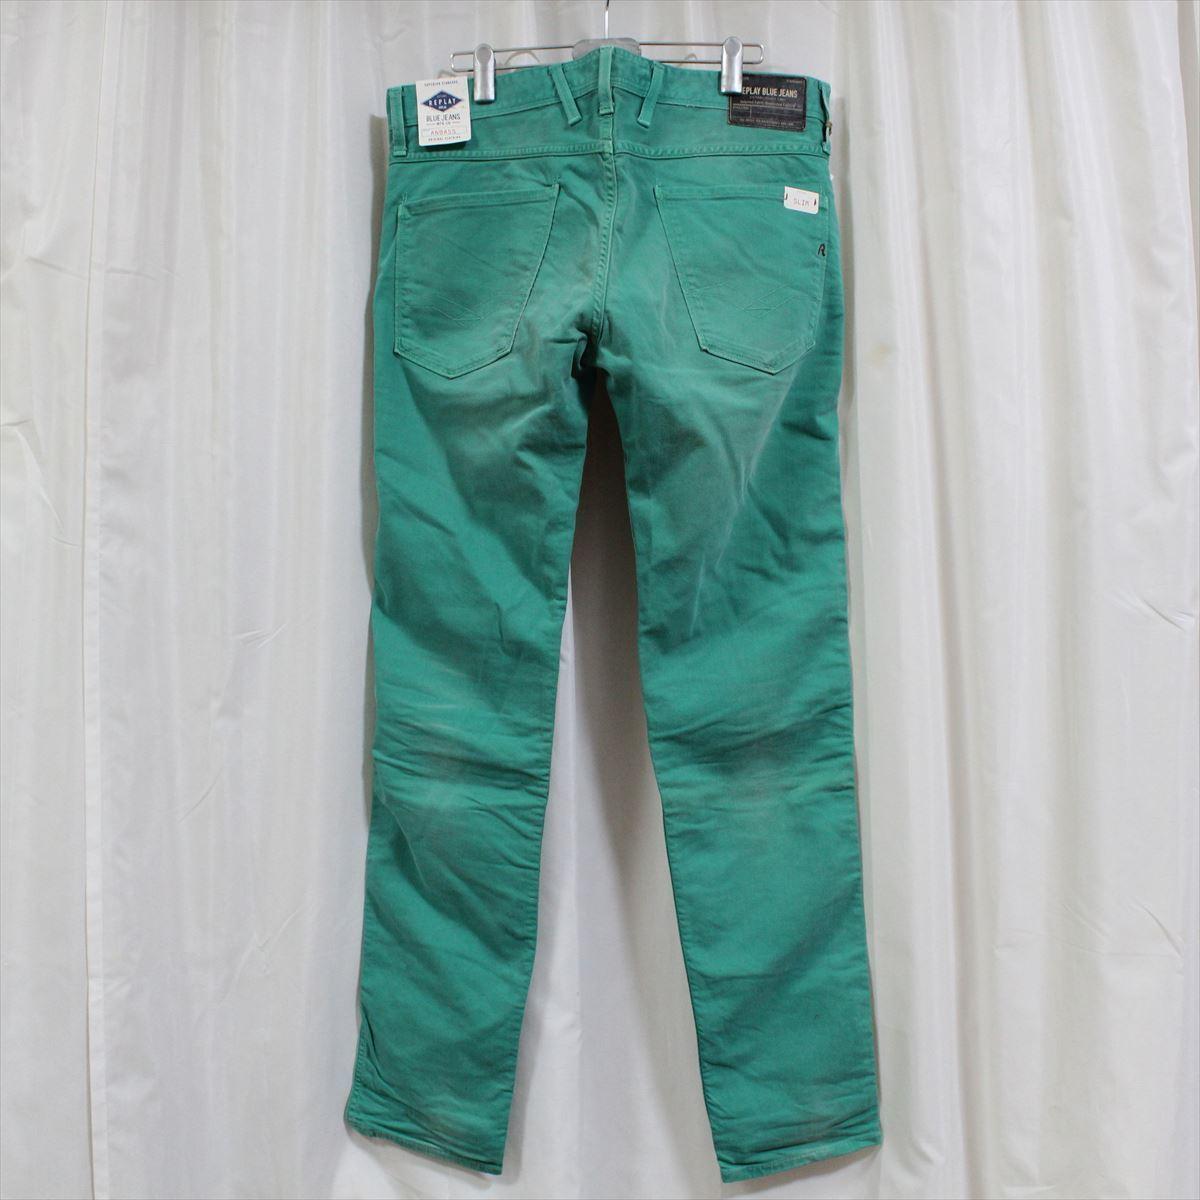 リプレイ REPLAY メンズカラーパンツ ジーンズ デニムパンツ SLIM グリーン 34インチ 新品 REPLAY BLUE JEANS anbass slim jeans_画像4